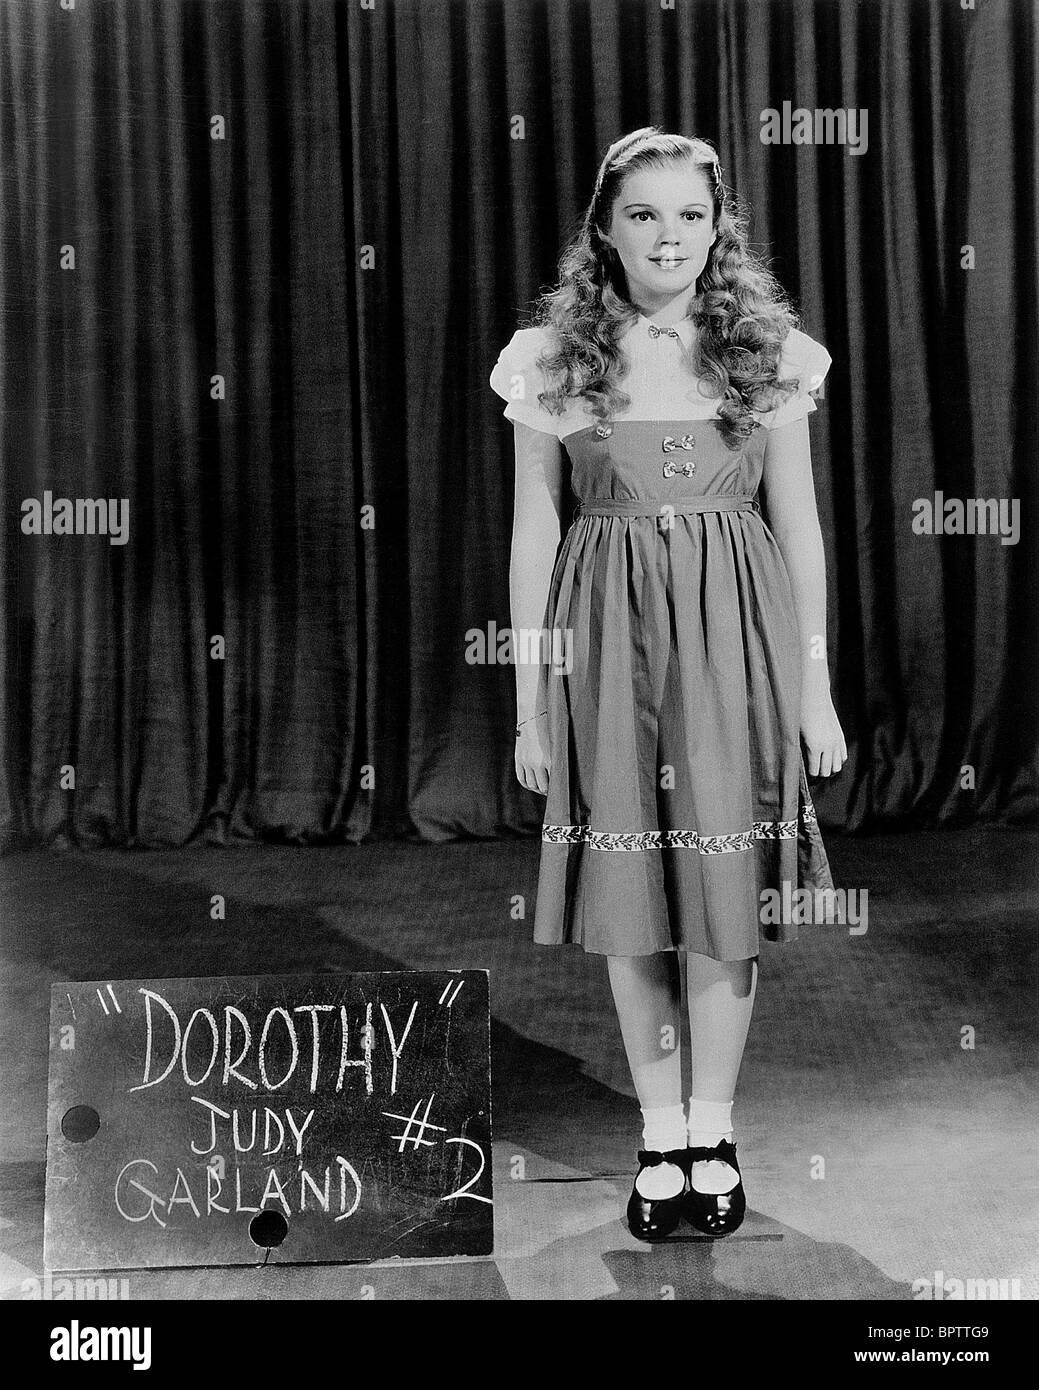 JUDY GARLAND ACTRESS (1939 Stock Photo: 31278921 - Alamy